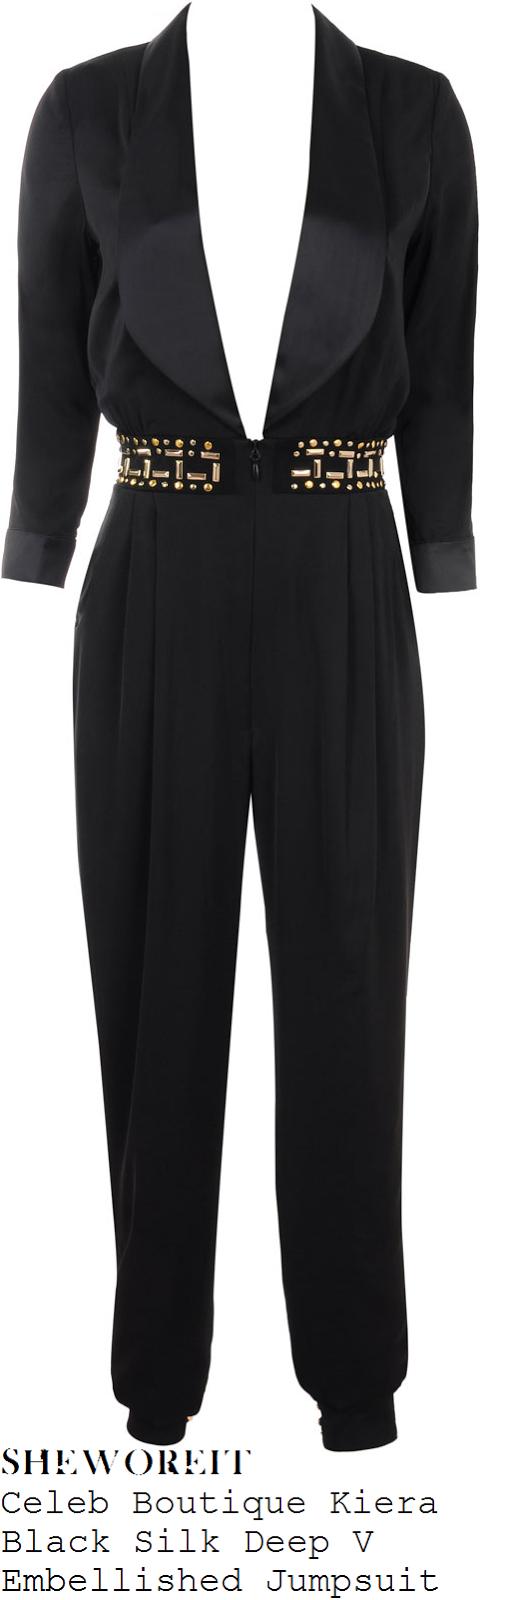 jessica-wright-black-tuxedo-style-embellished-jumpsuit